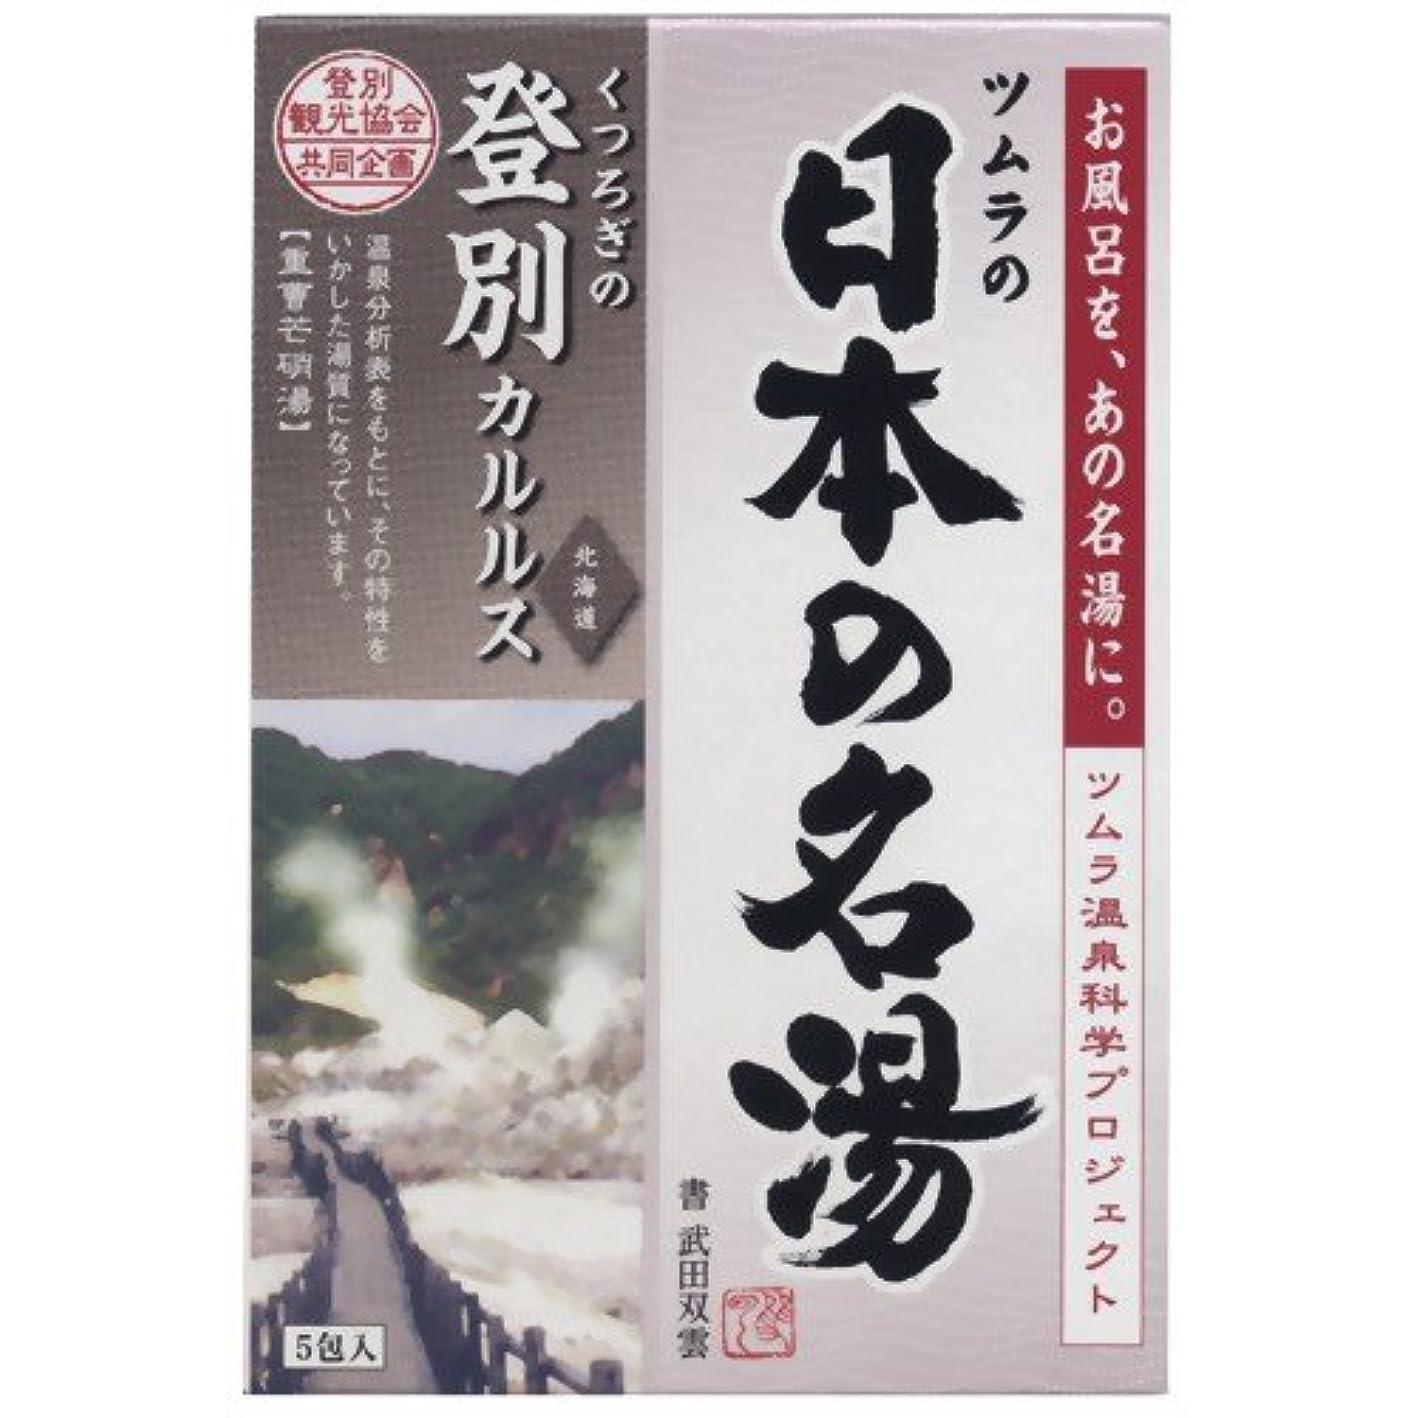 位置する床を掃除する特異性バスクリン 日本の名湯 登別カルルス 30g×5包入(入浴剤)×24点セット (4548514135451)